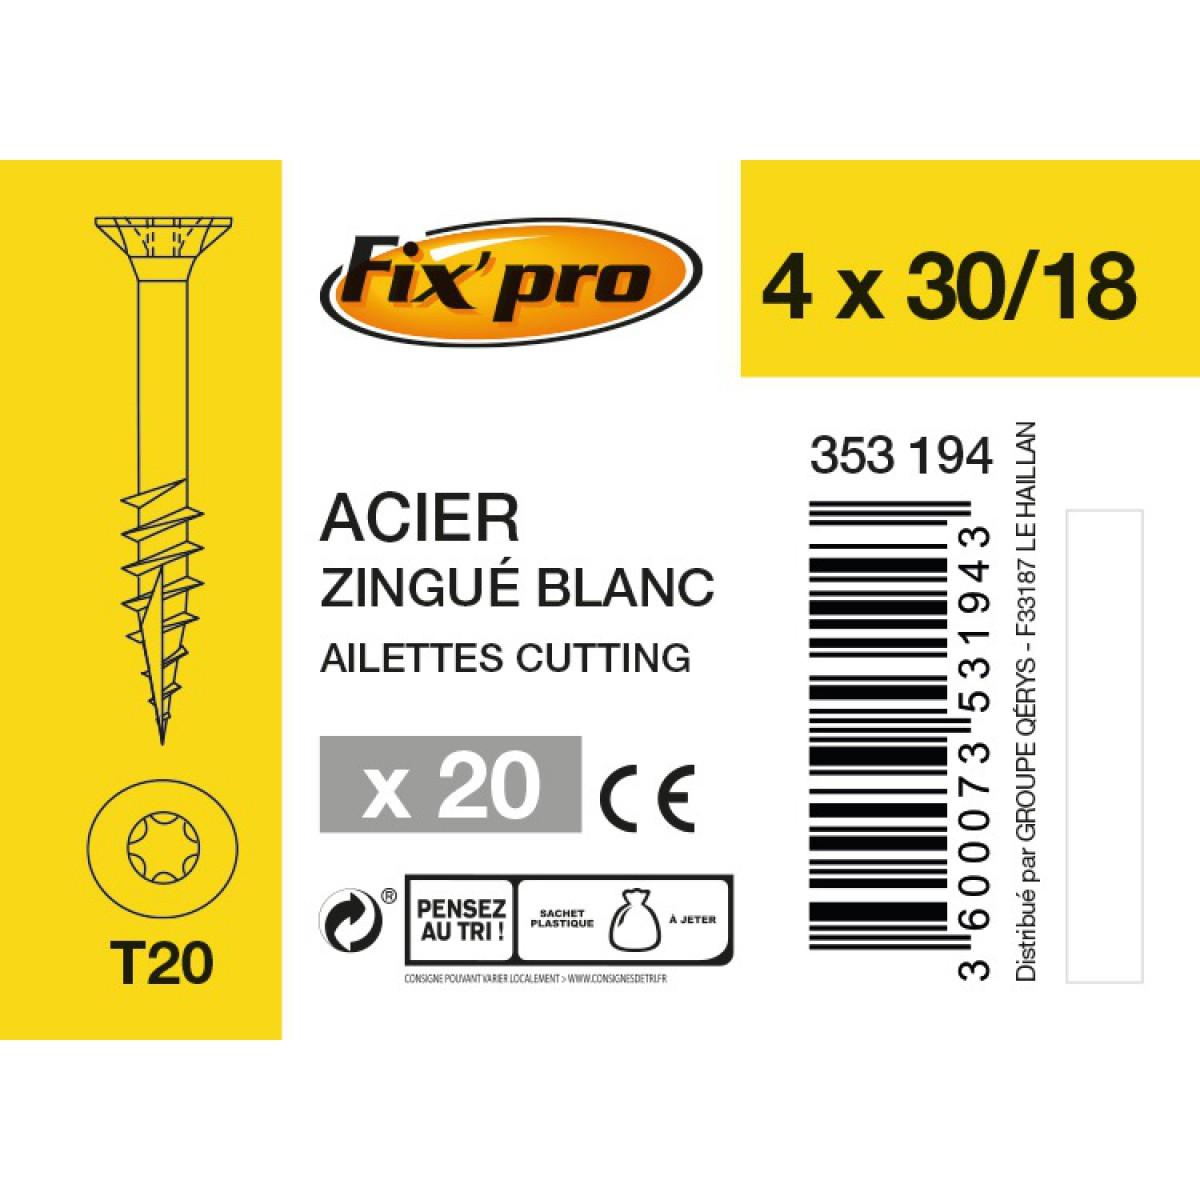 Vis à bois tête fraisée TX - 4x30/18 - 20pces - Fixpro